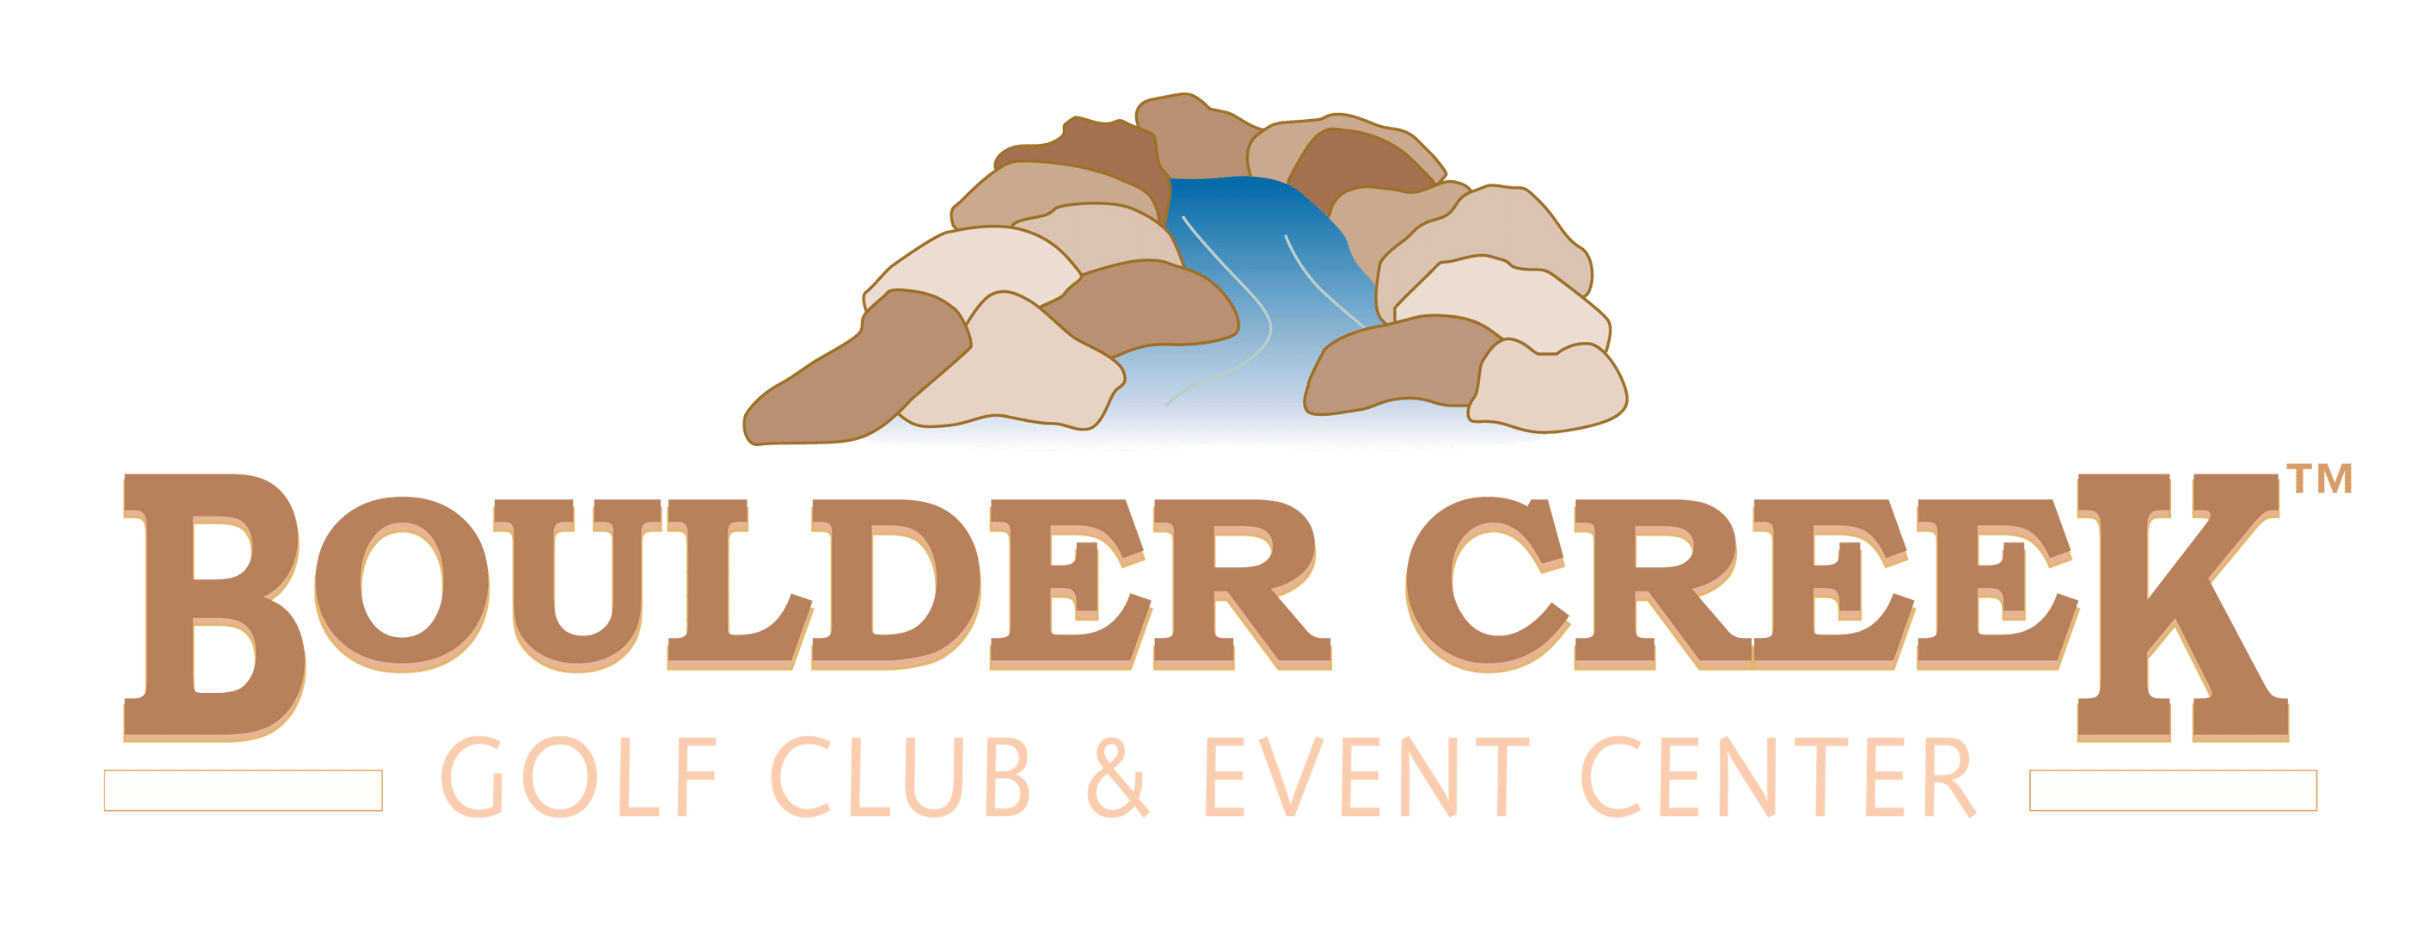 Boulder Creek Golf Club